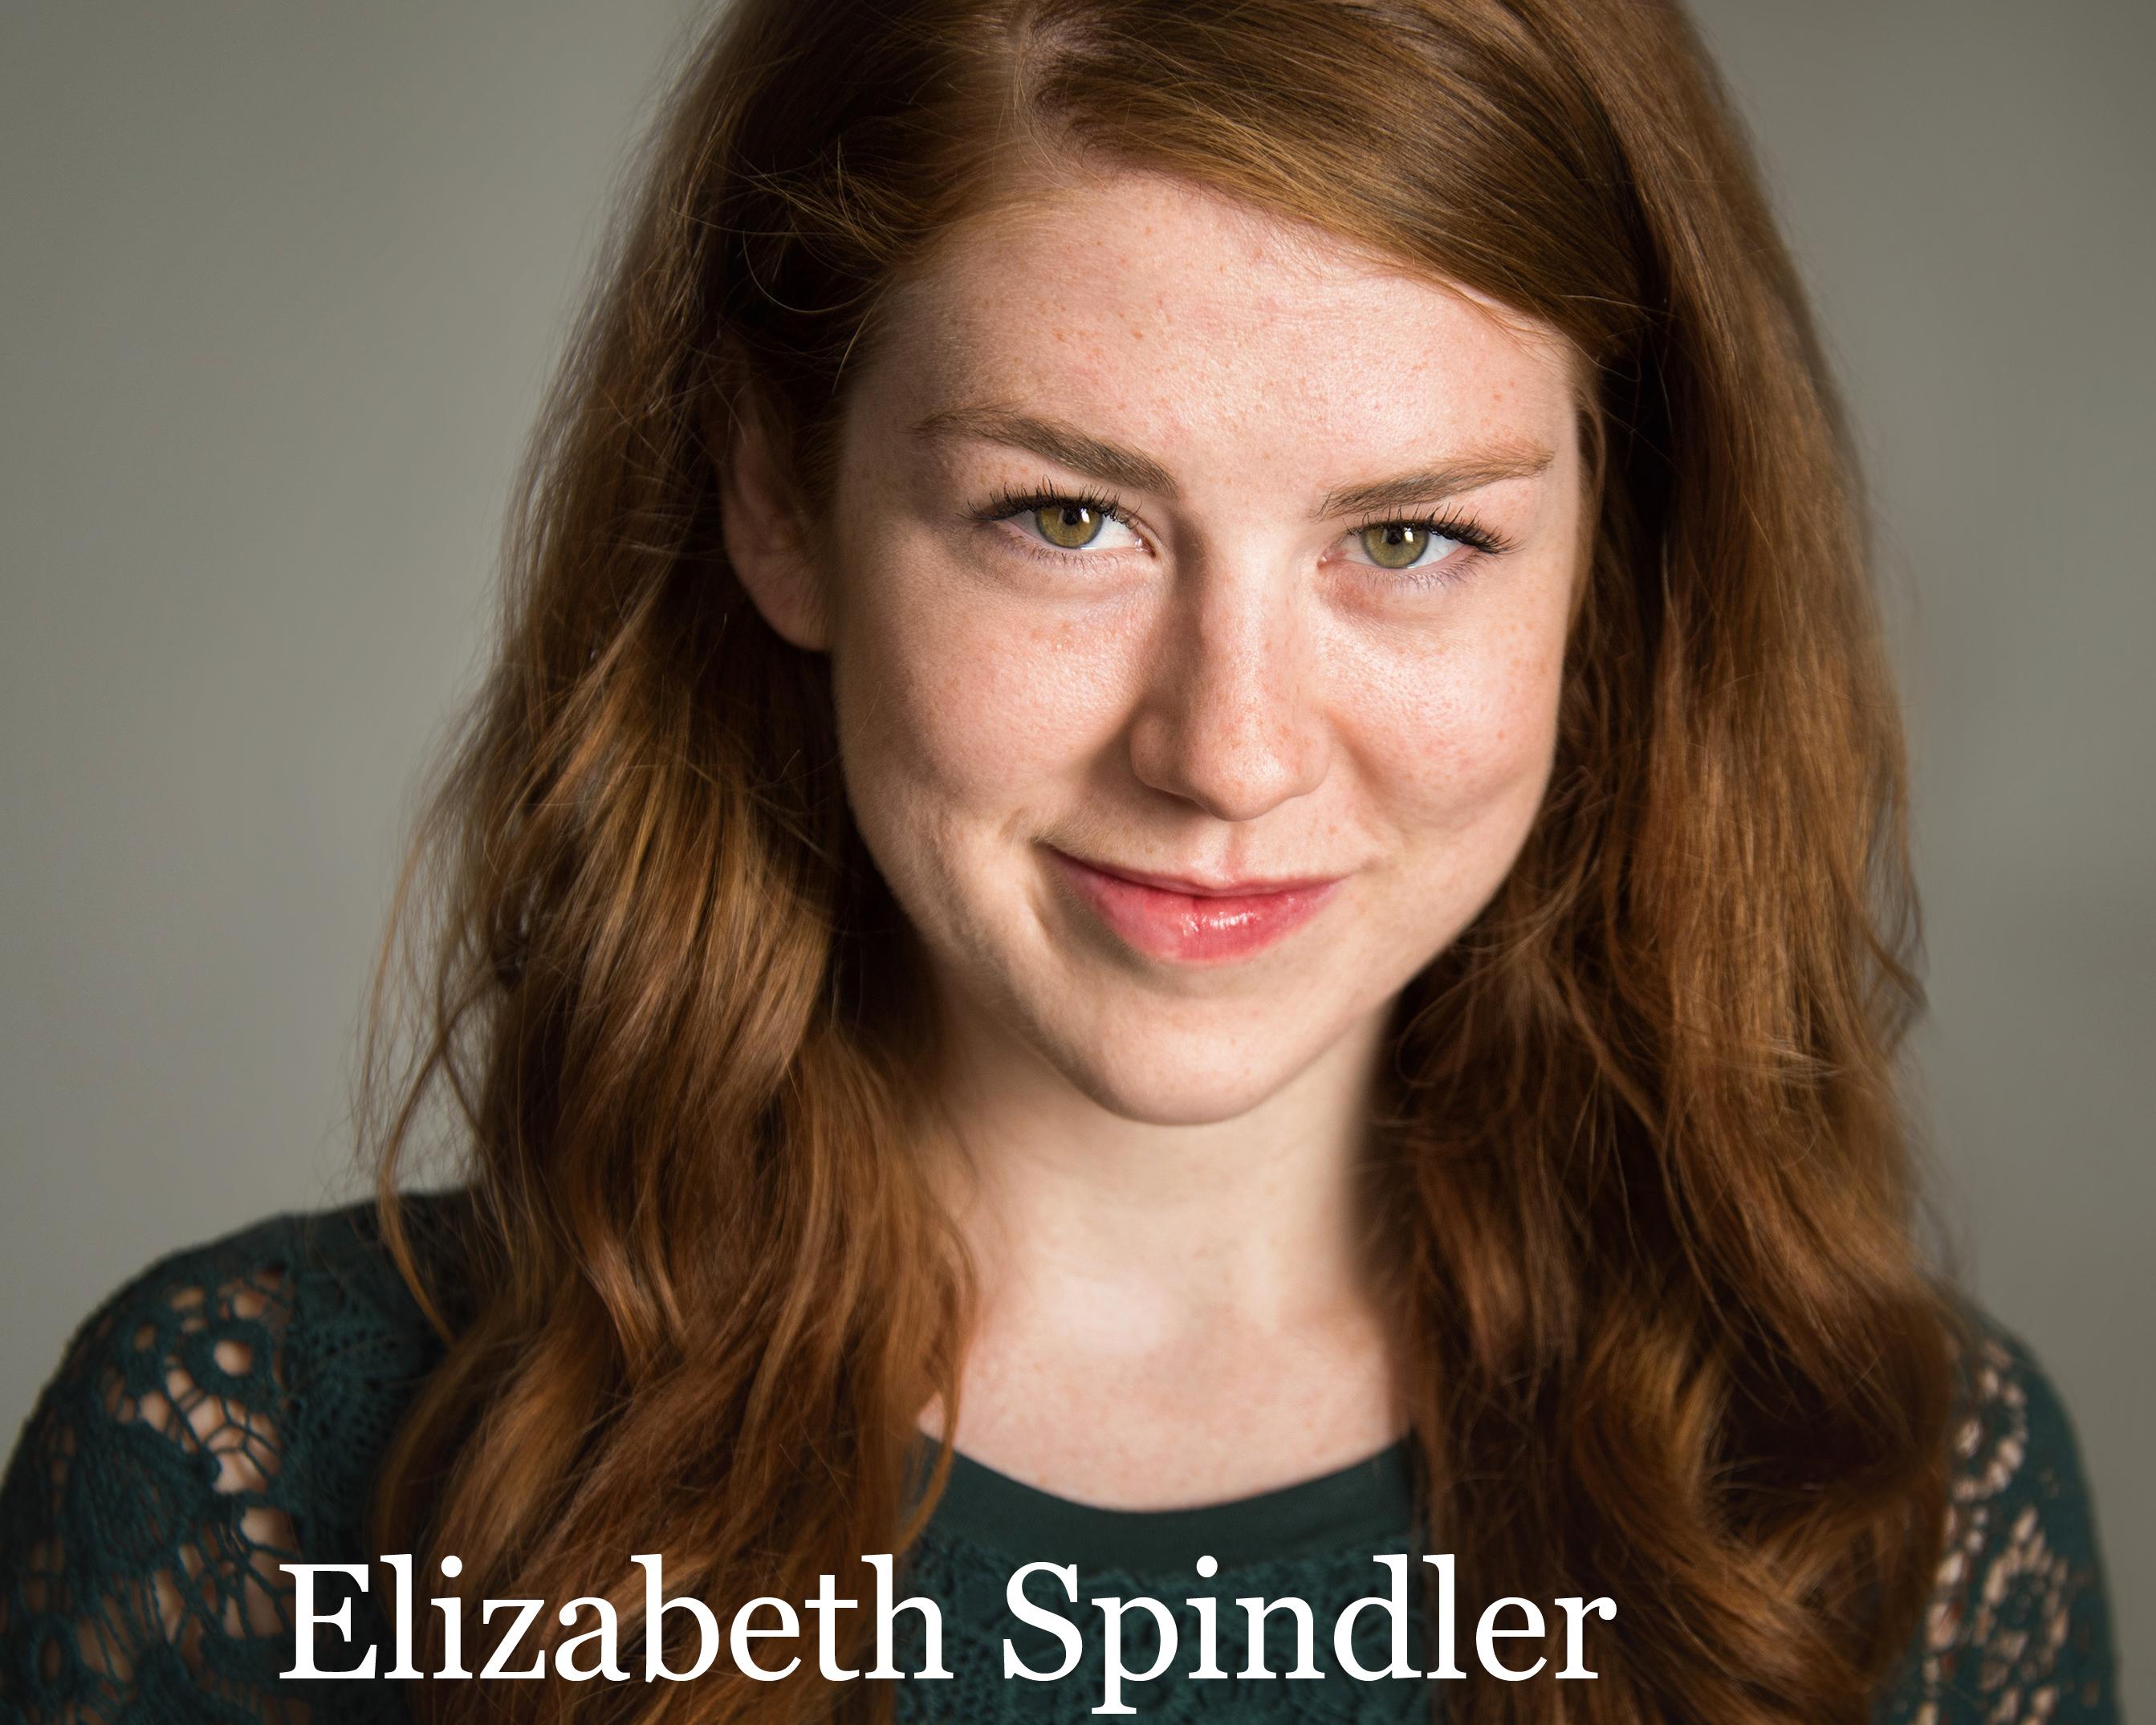 Elizabeth Spindler